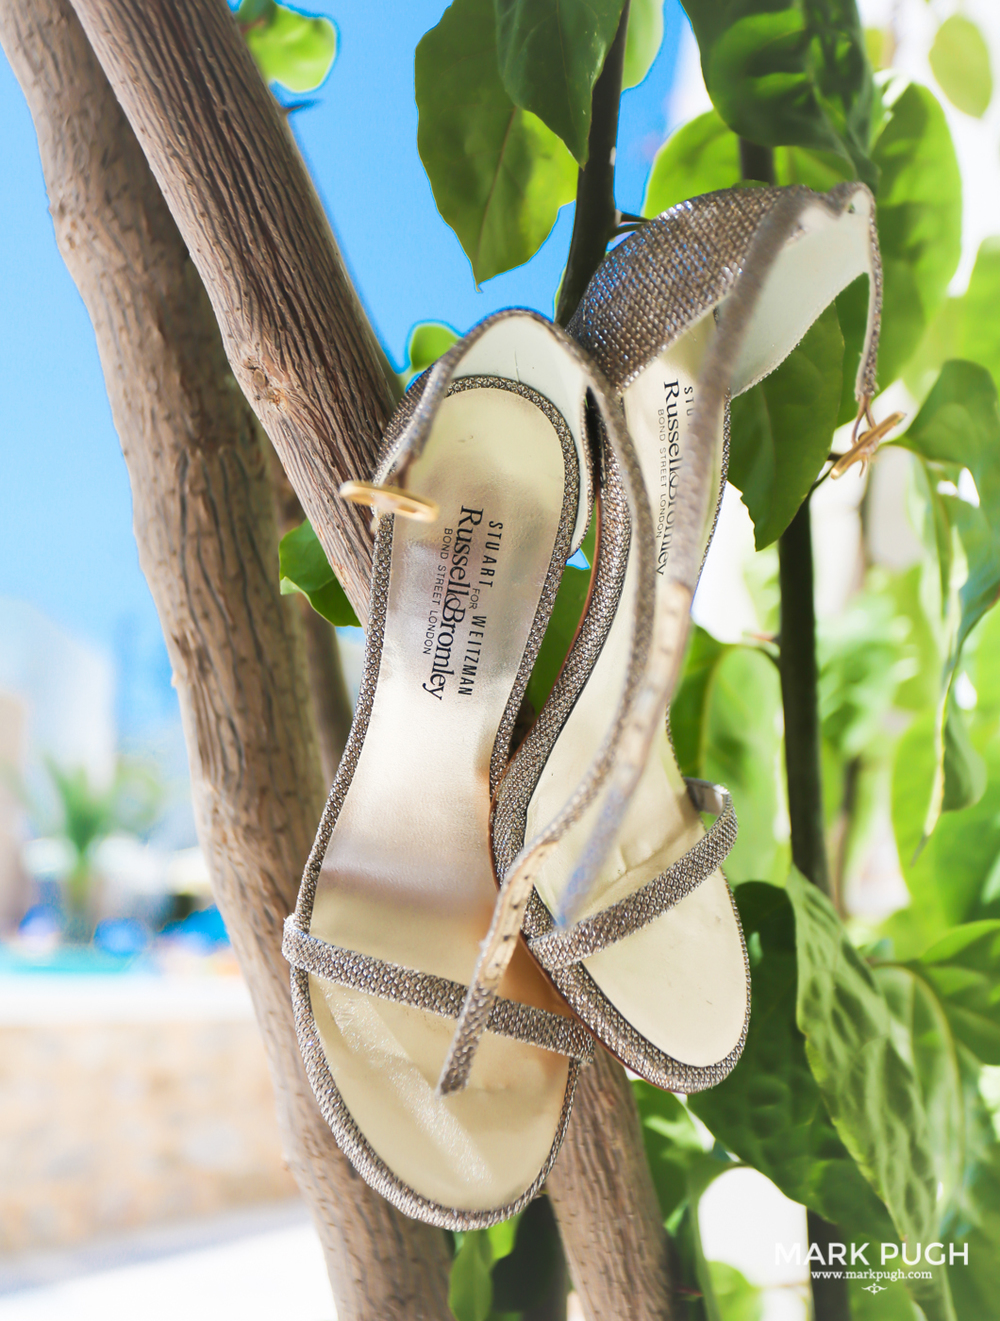 006 - Kerry and Lee - Destination Wedding in Santorini by www.markpugh.com -0223.JPG